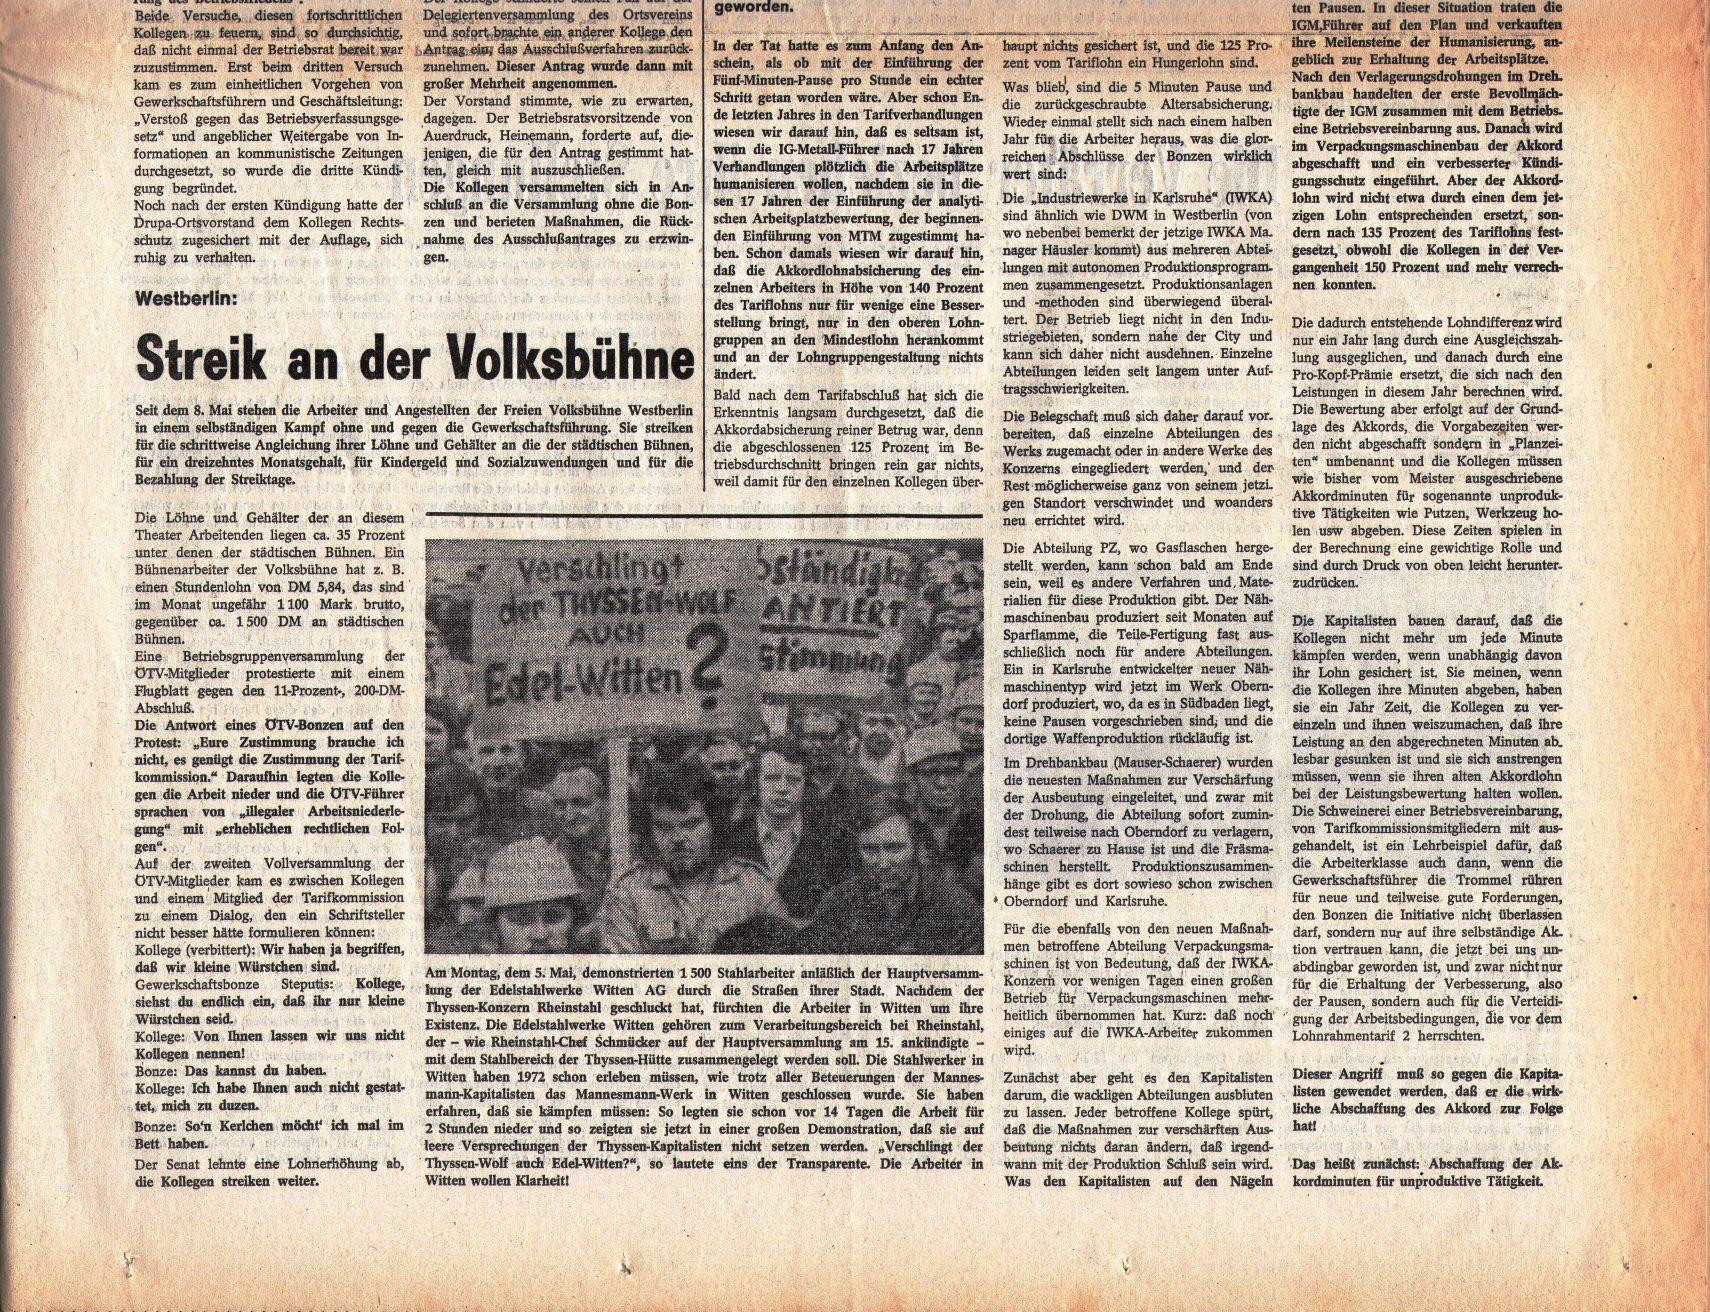 KPD_Rote_Fahne_1974_21_10